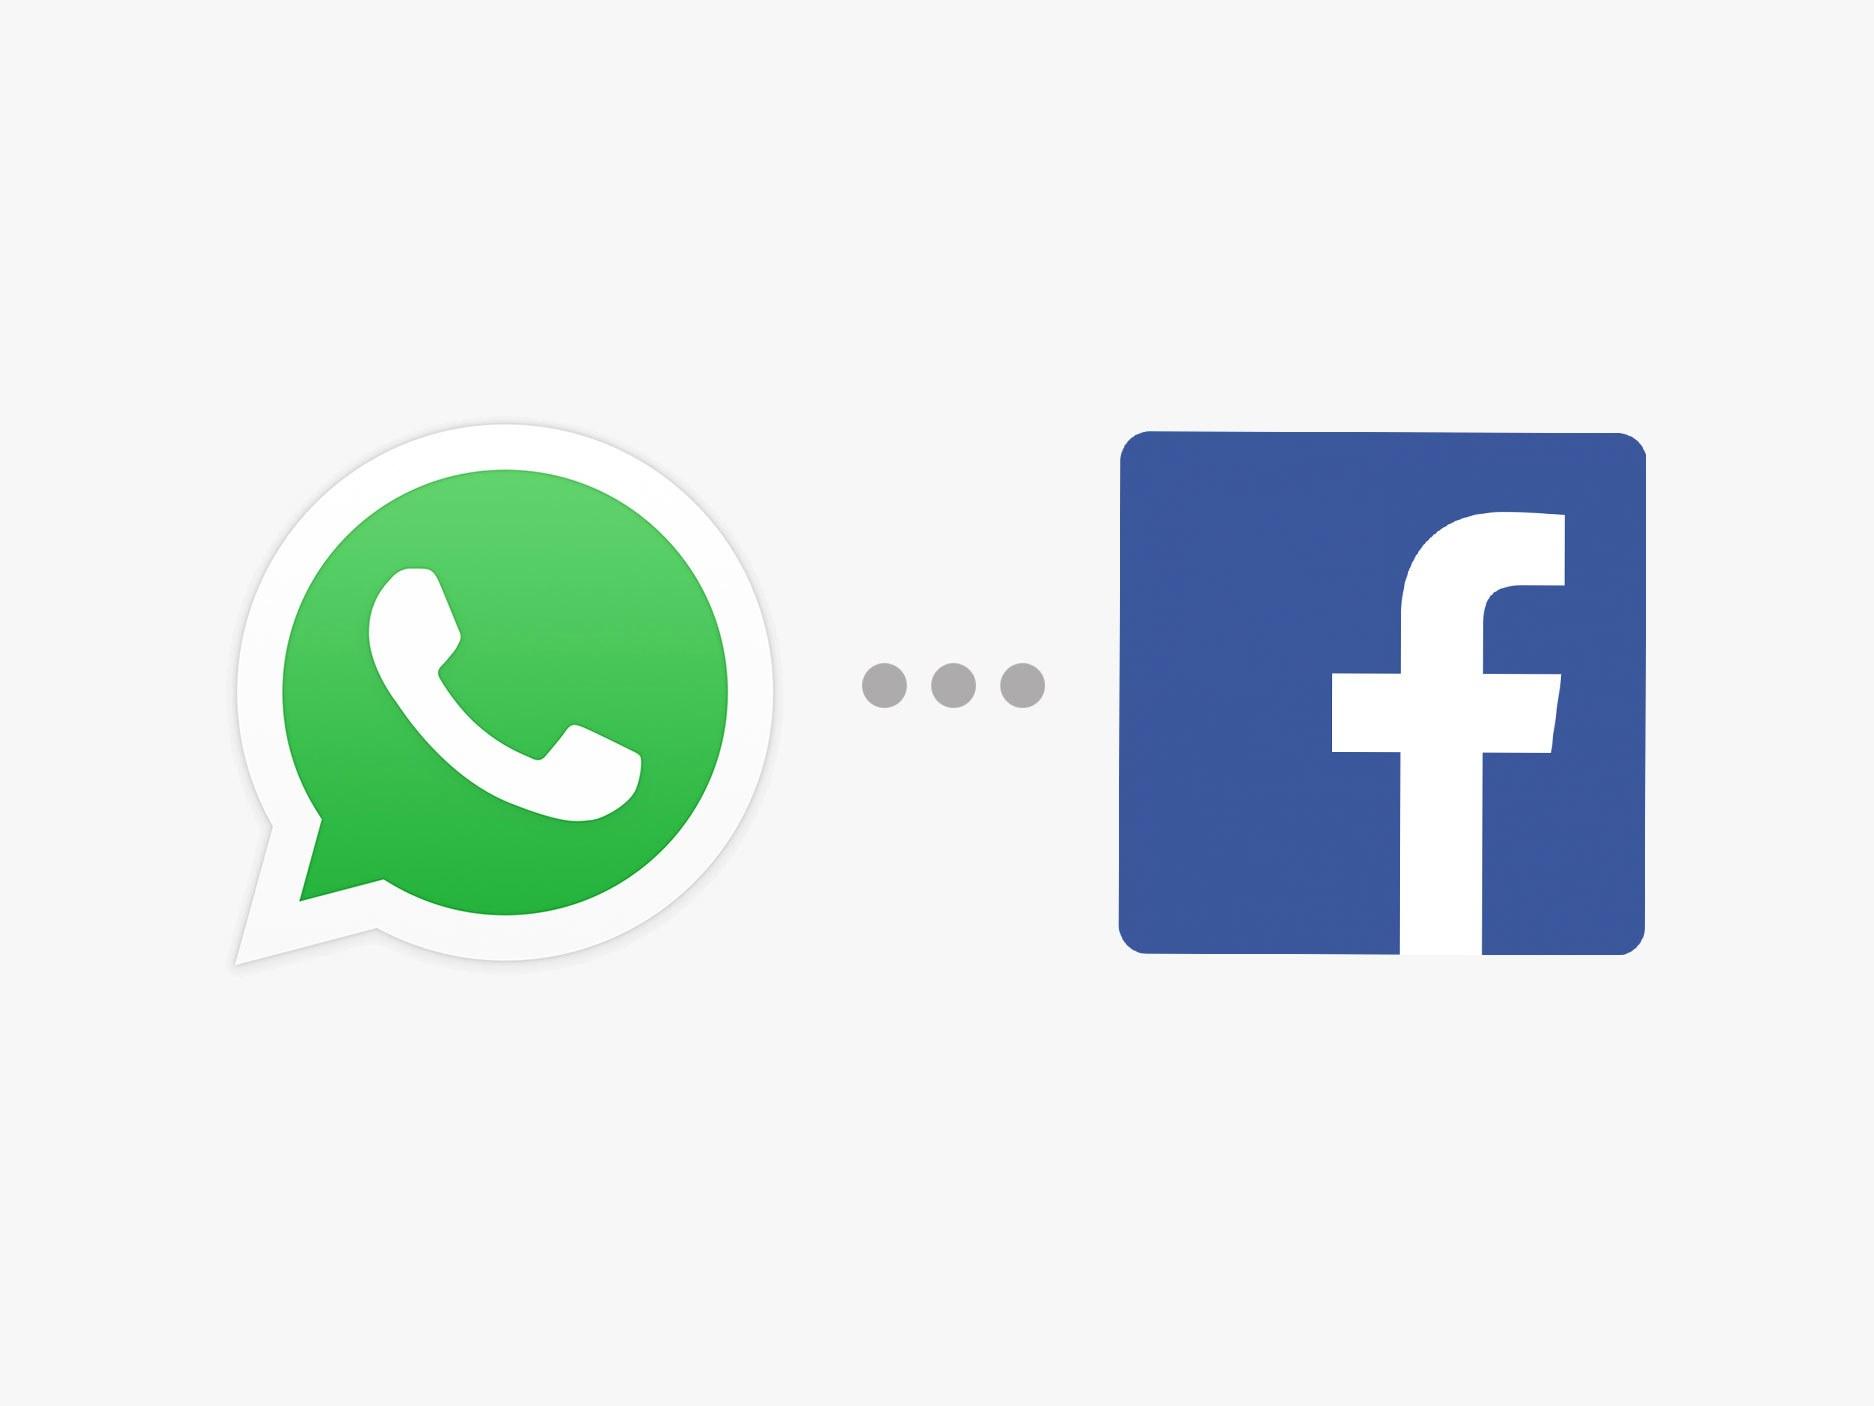 WhatsApp supera Facebook come social più popolare